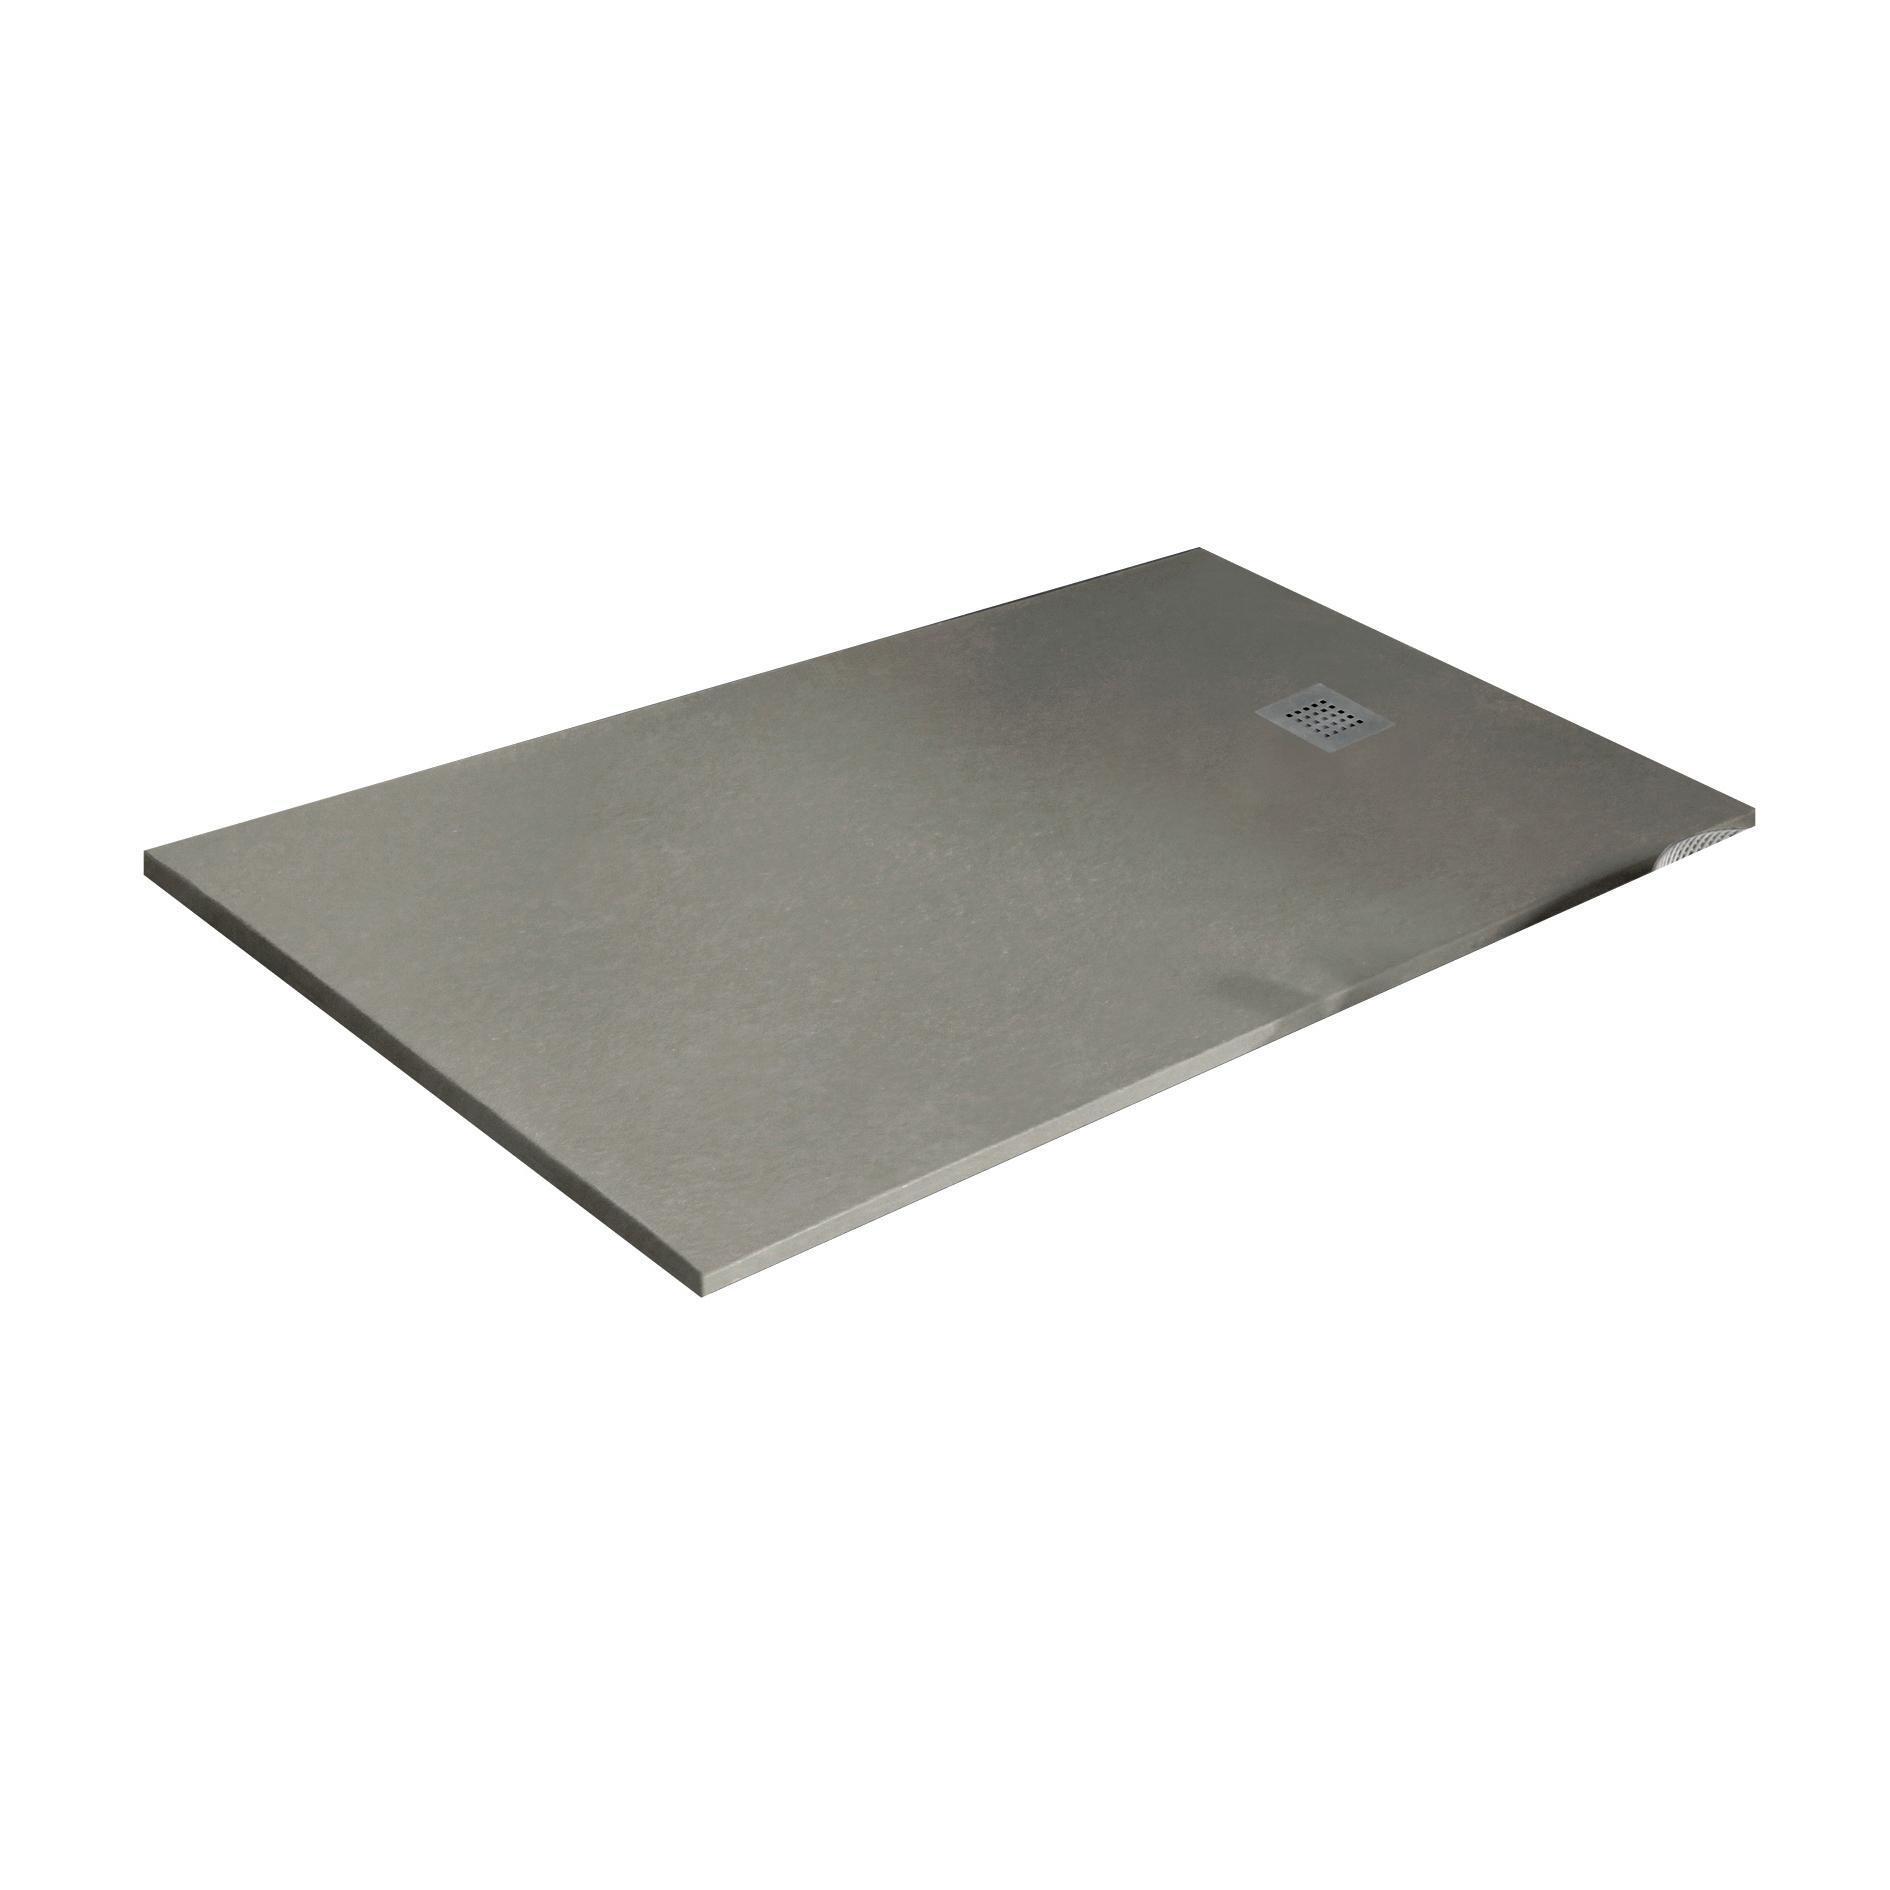 Piatto doccia resina Strato 180 x 80 cm crema - 1